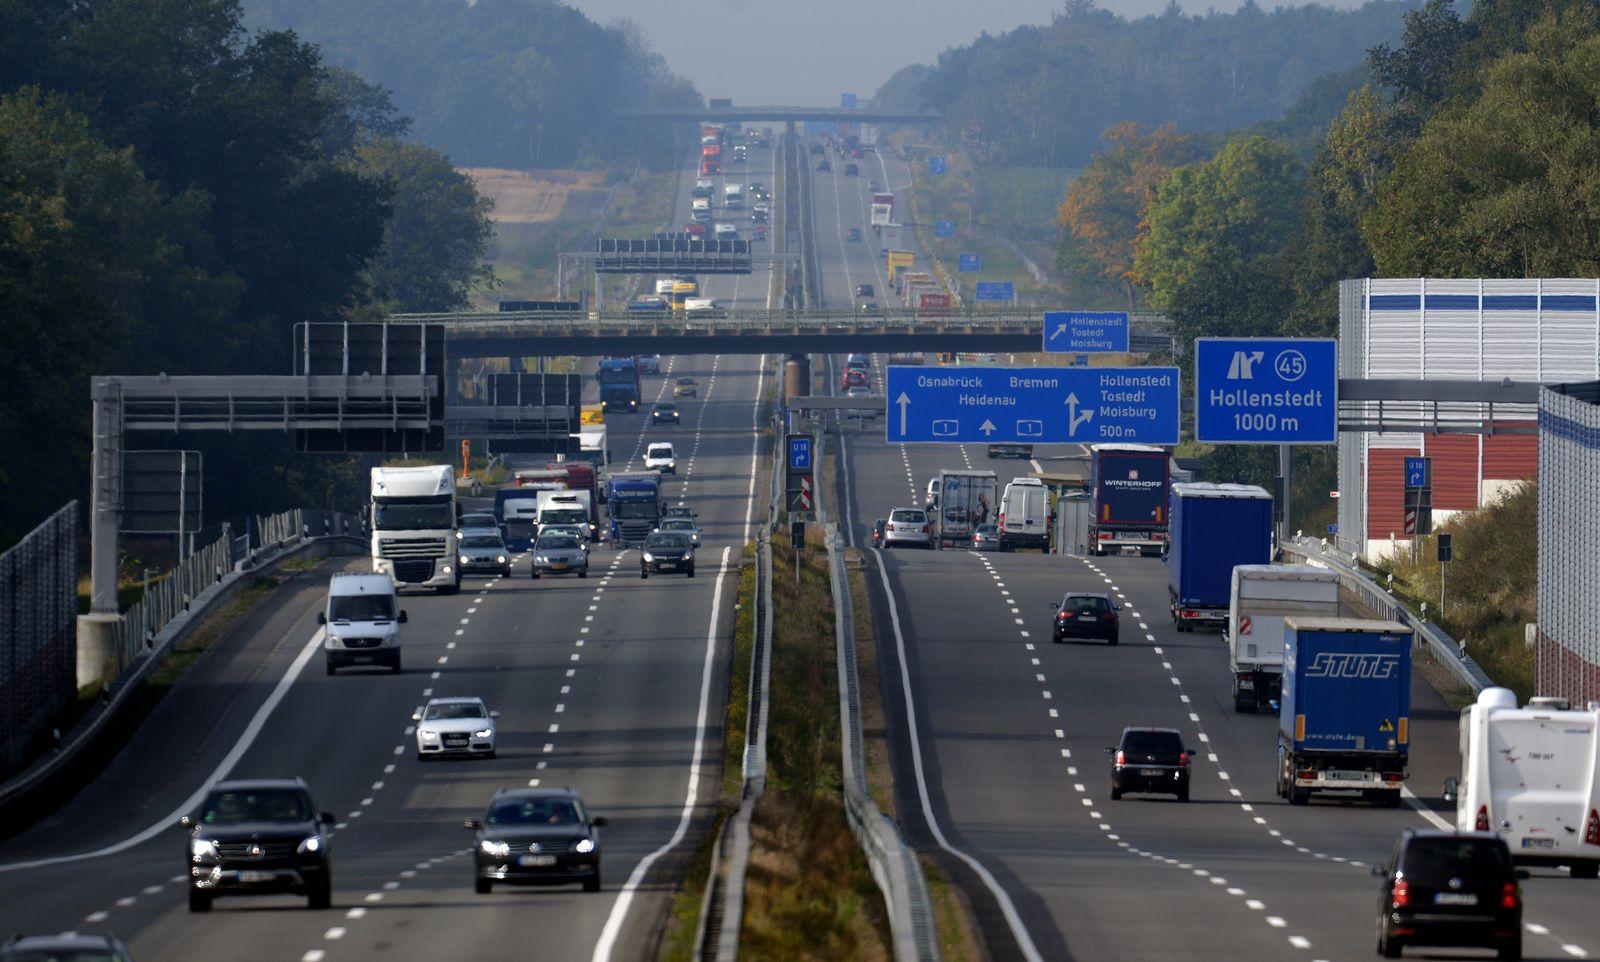 NICHT VERWENDEN Autobahn/ Verkehr